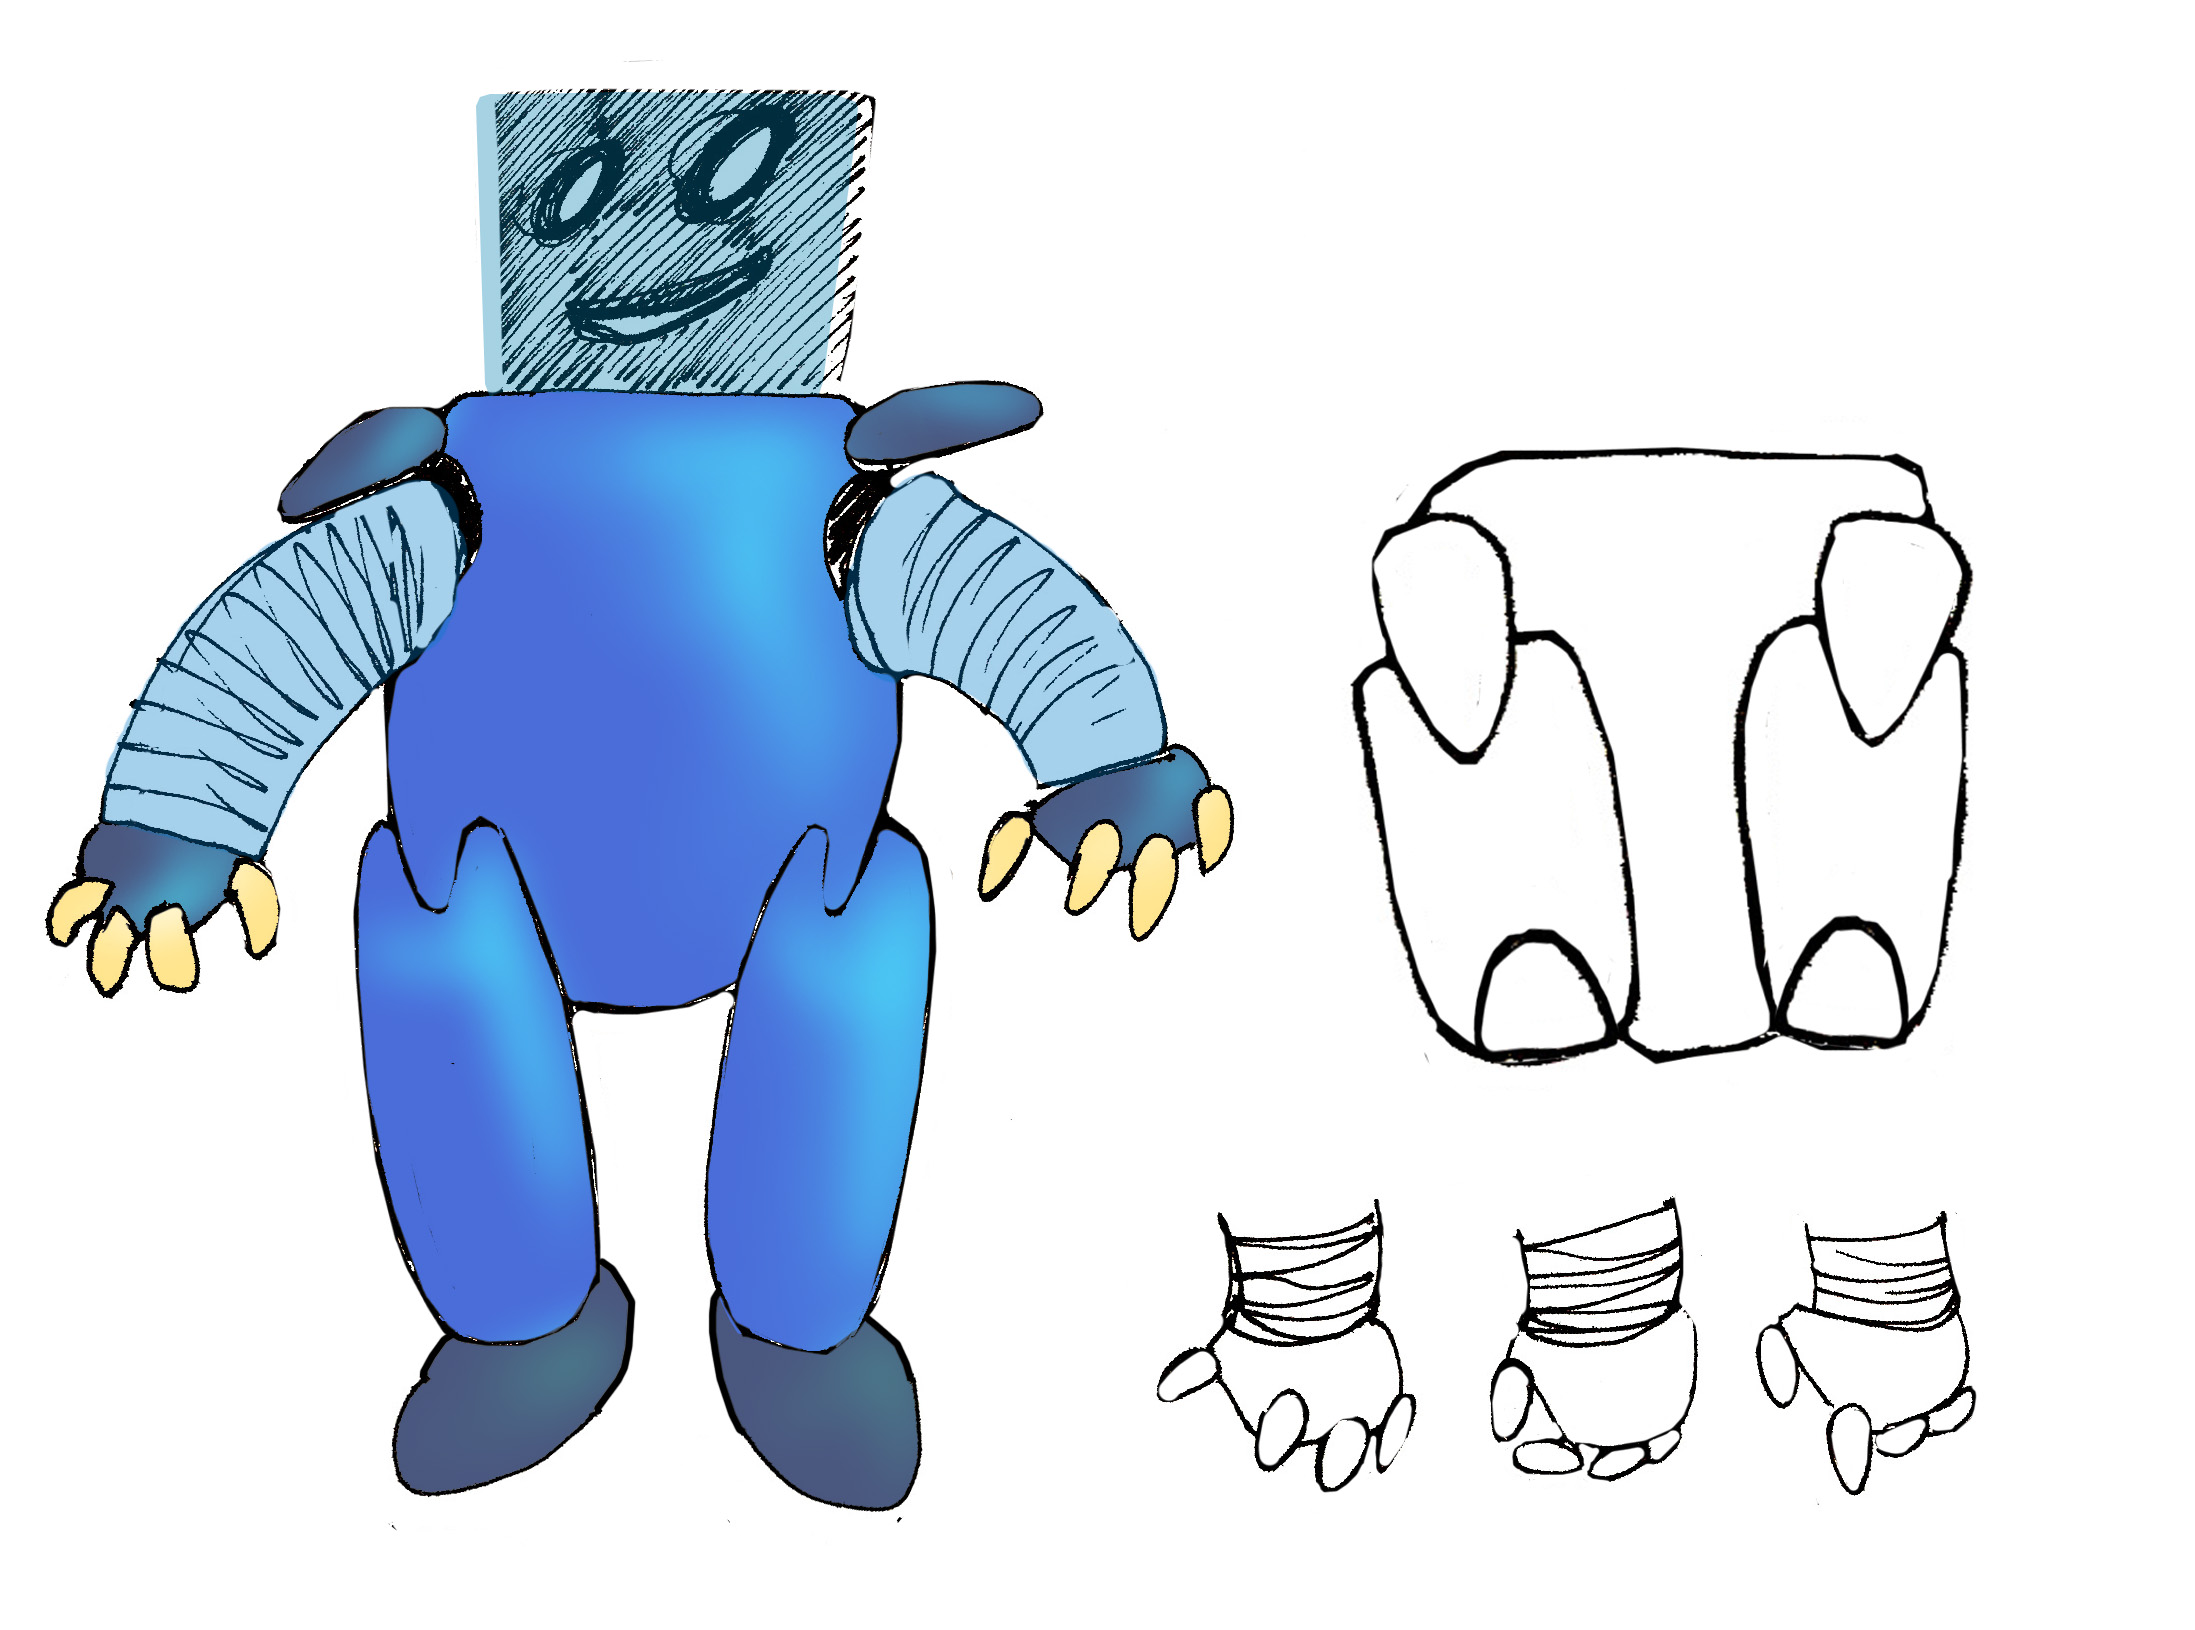 """Модель Робота - Ребёнка """"Роботёнок"""" фото f_4b4f4abfd0da7.jpg"""